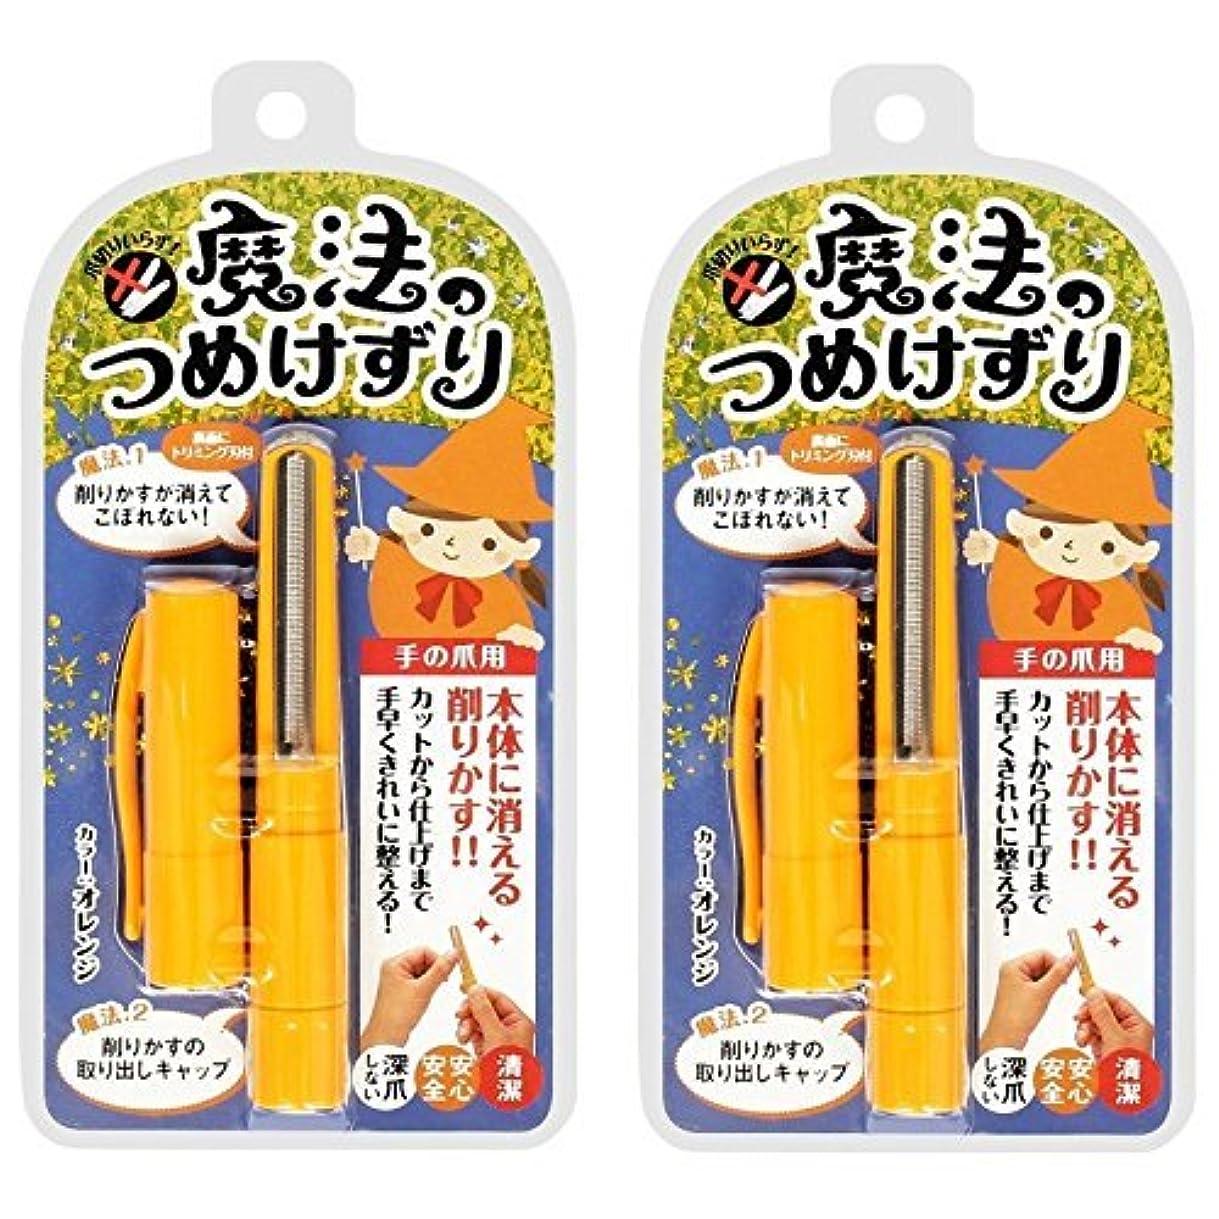 かんたん自動化パール【セット品】松本金型 魔法のつめけずり MM-090 オレンジ ×2個